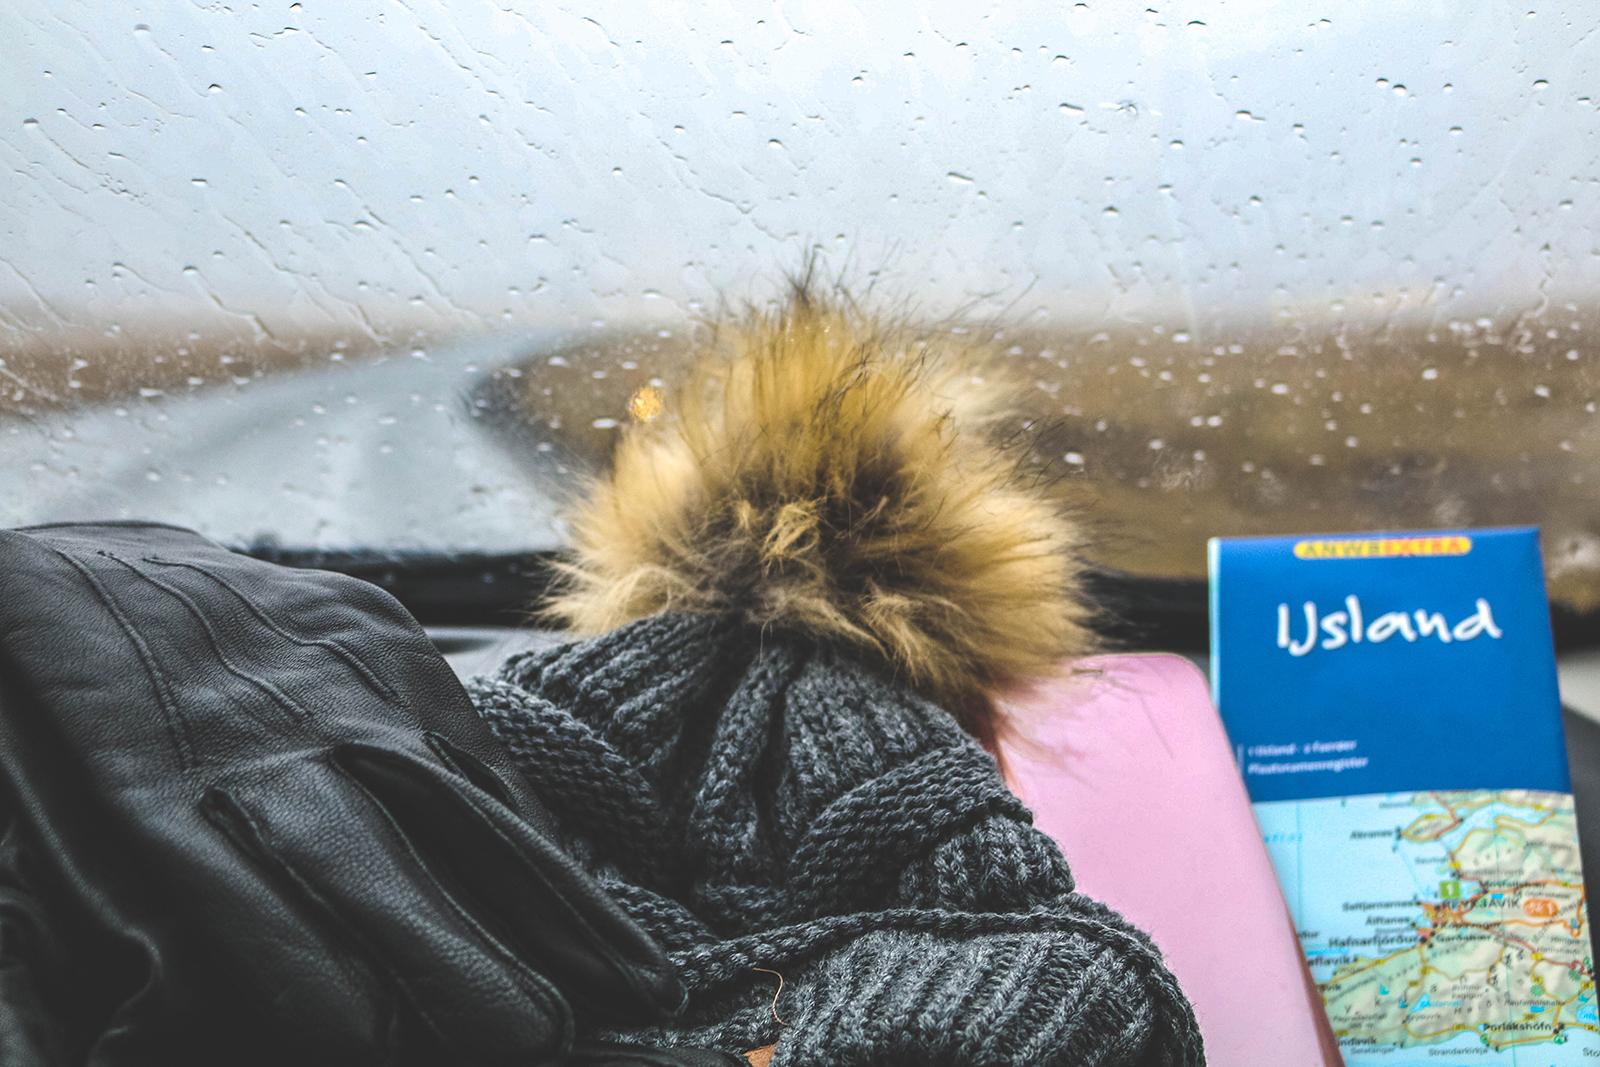 Reizen-met-auto-door-ijsland